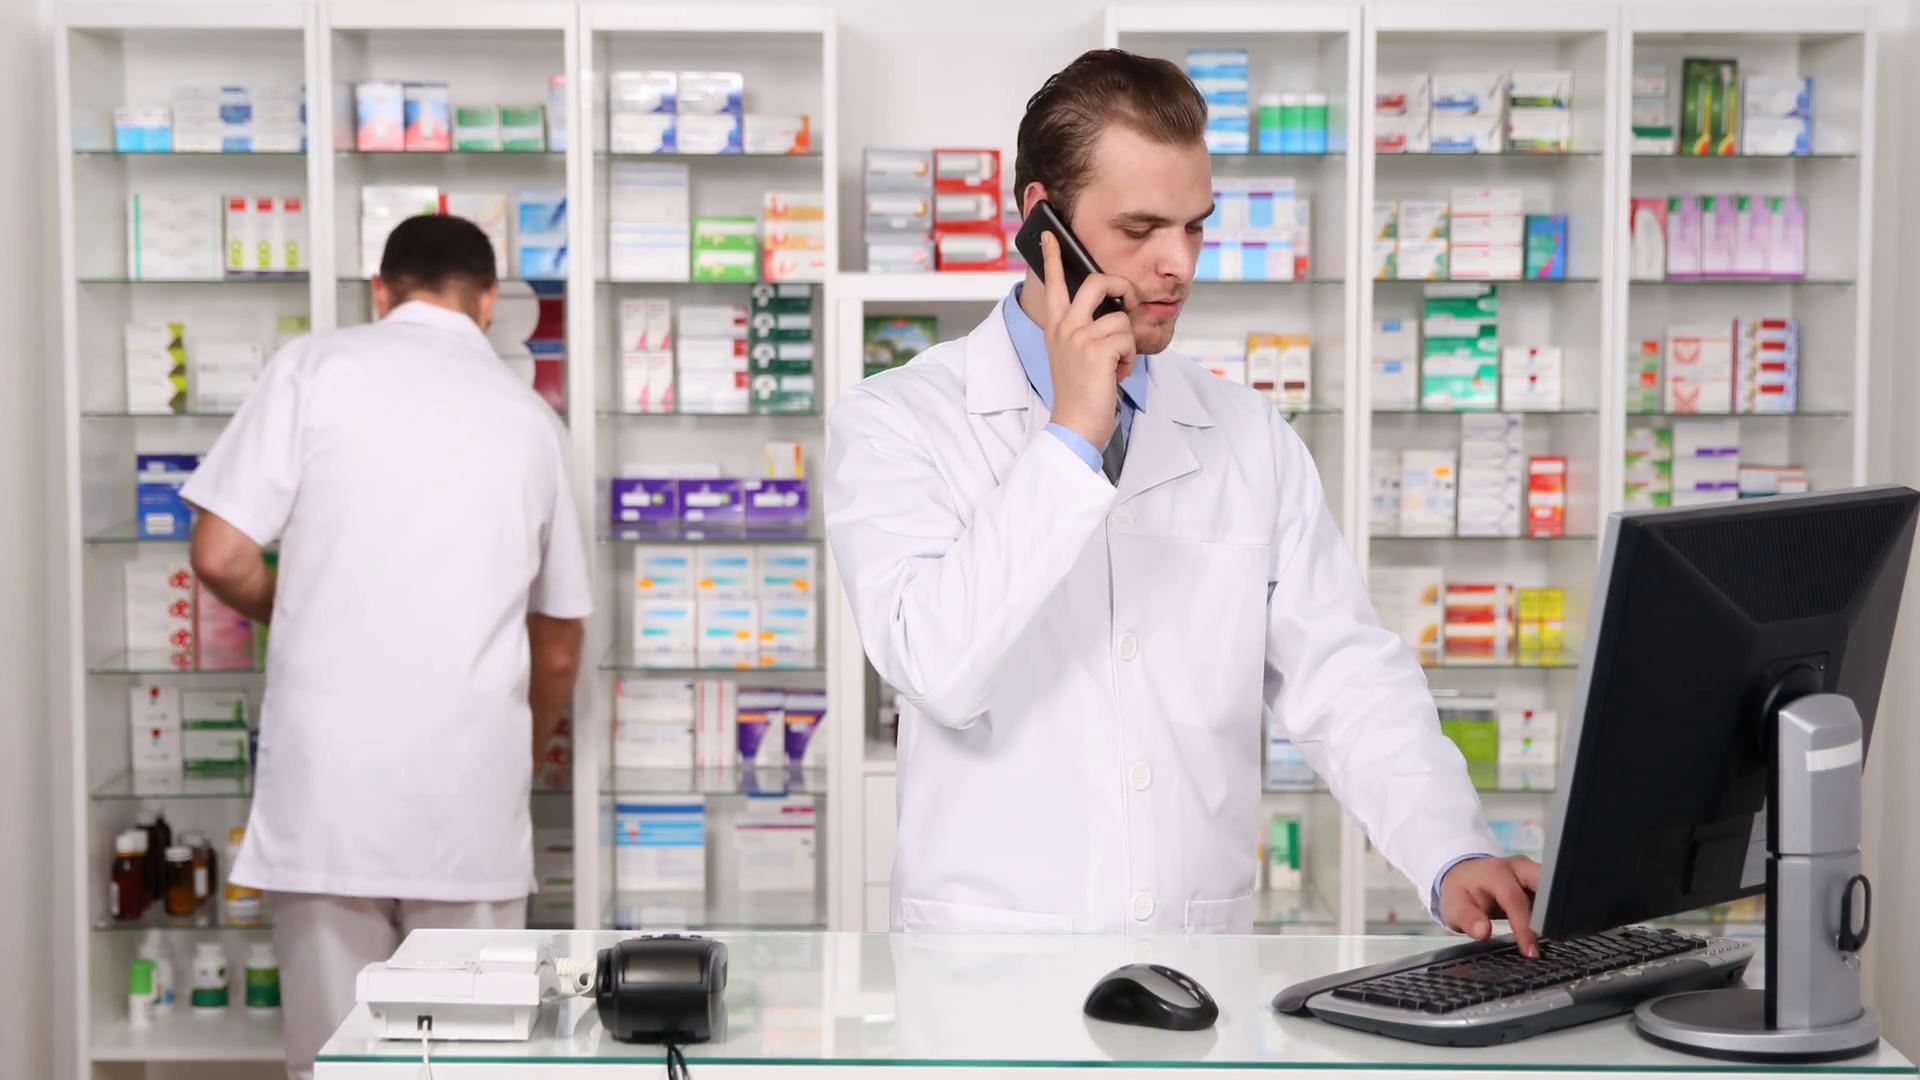 La reperibilit notturna quando il farmacista lavora quasi gratis farmacisti al lavoro - Organizzare le pulizie di casa quando si lavora ...